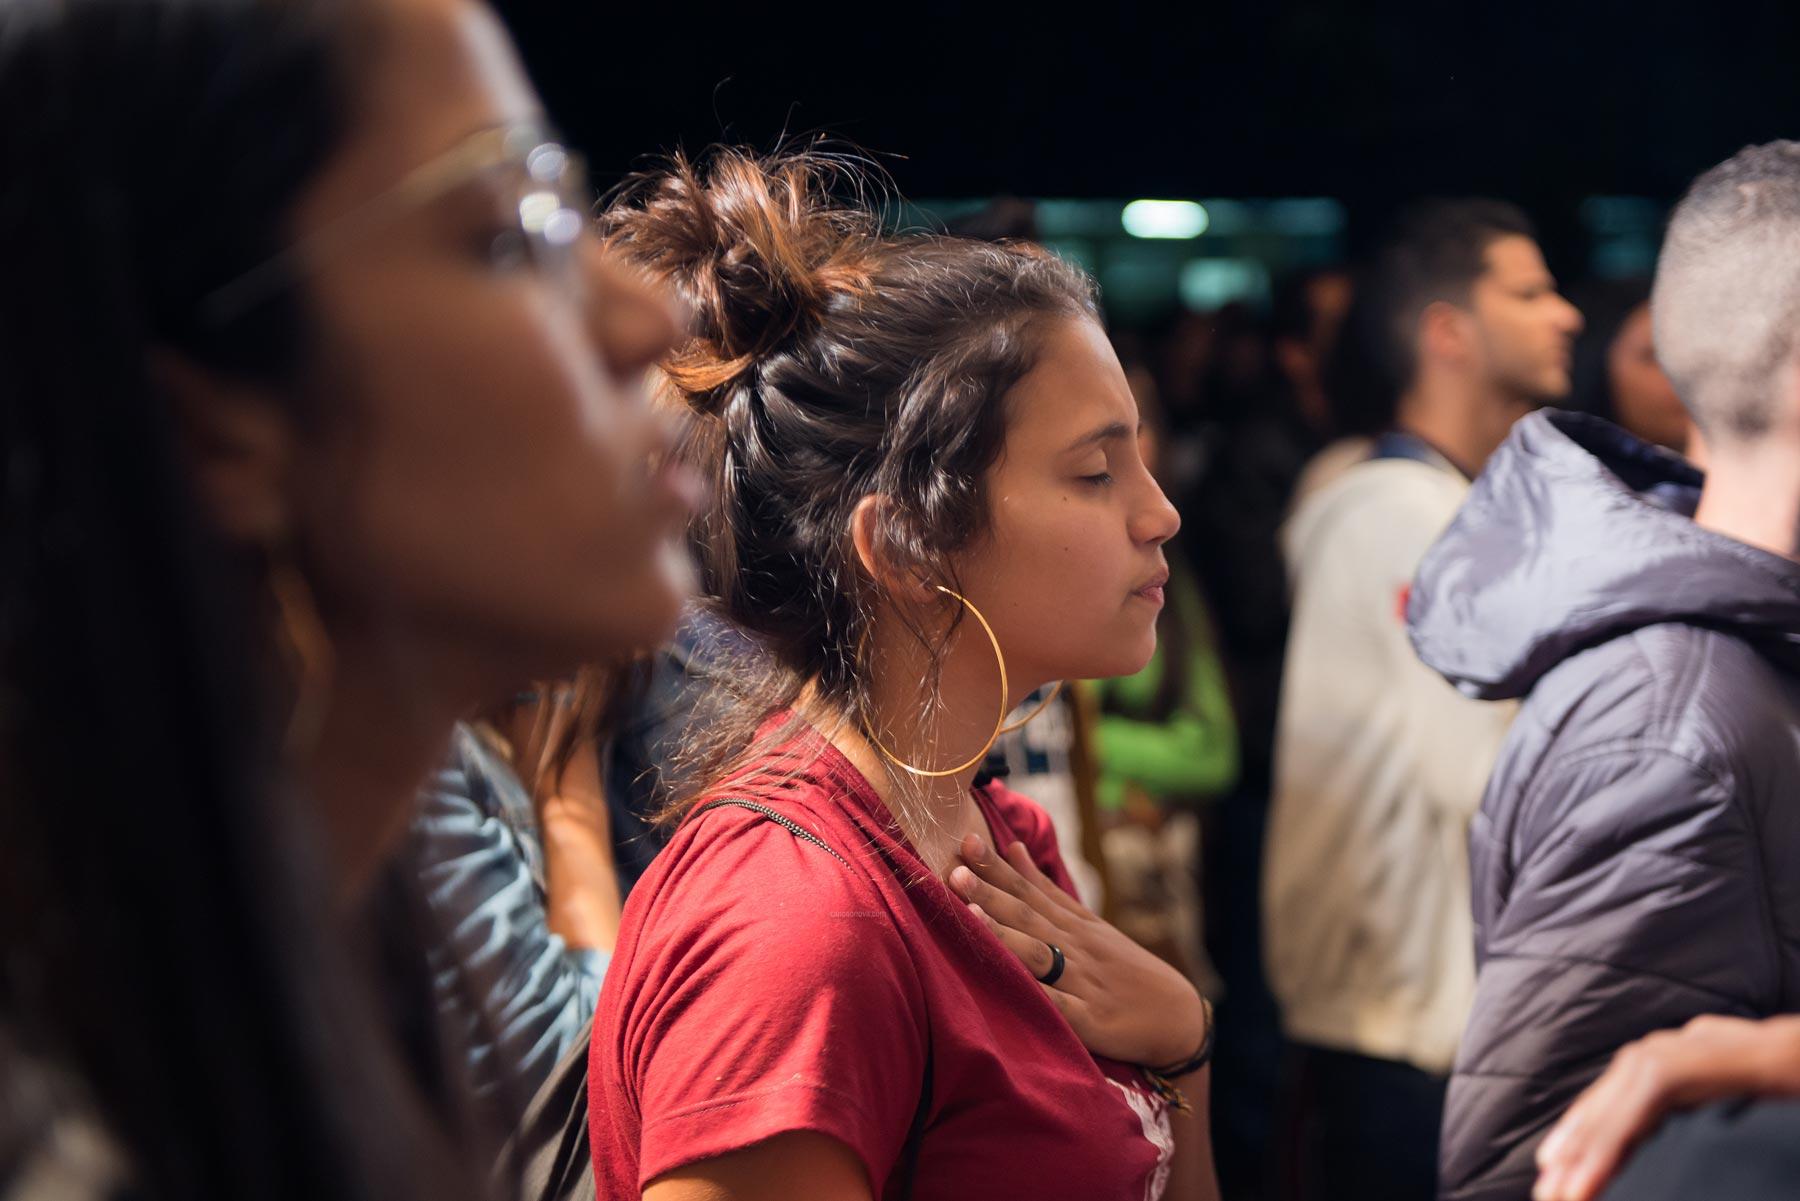 Chacara-santa-cruz--foto-Wesley-Almeida-(16)